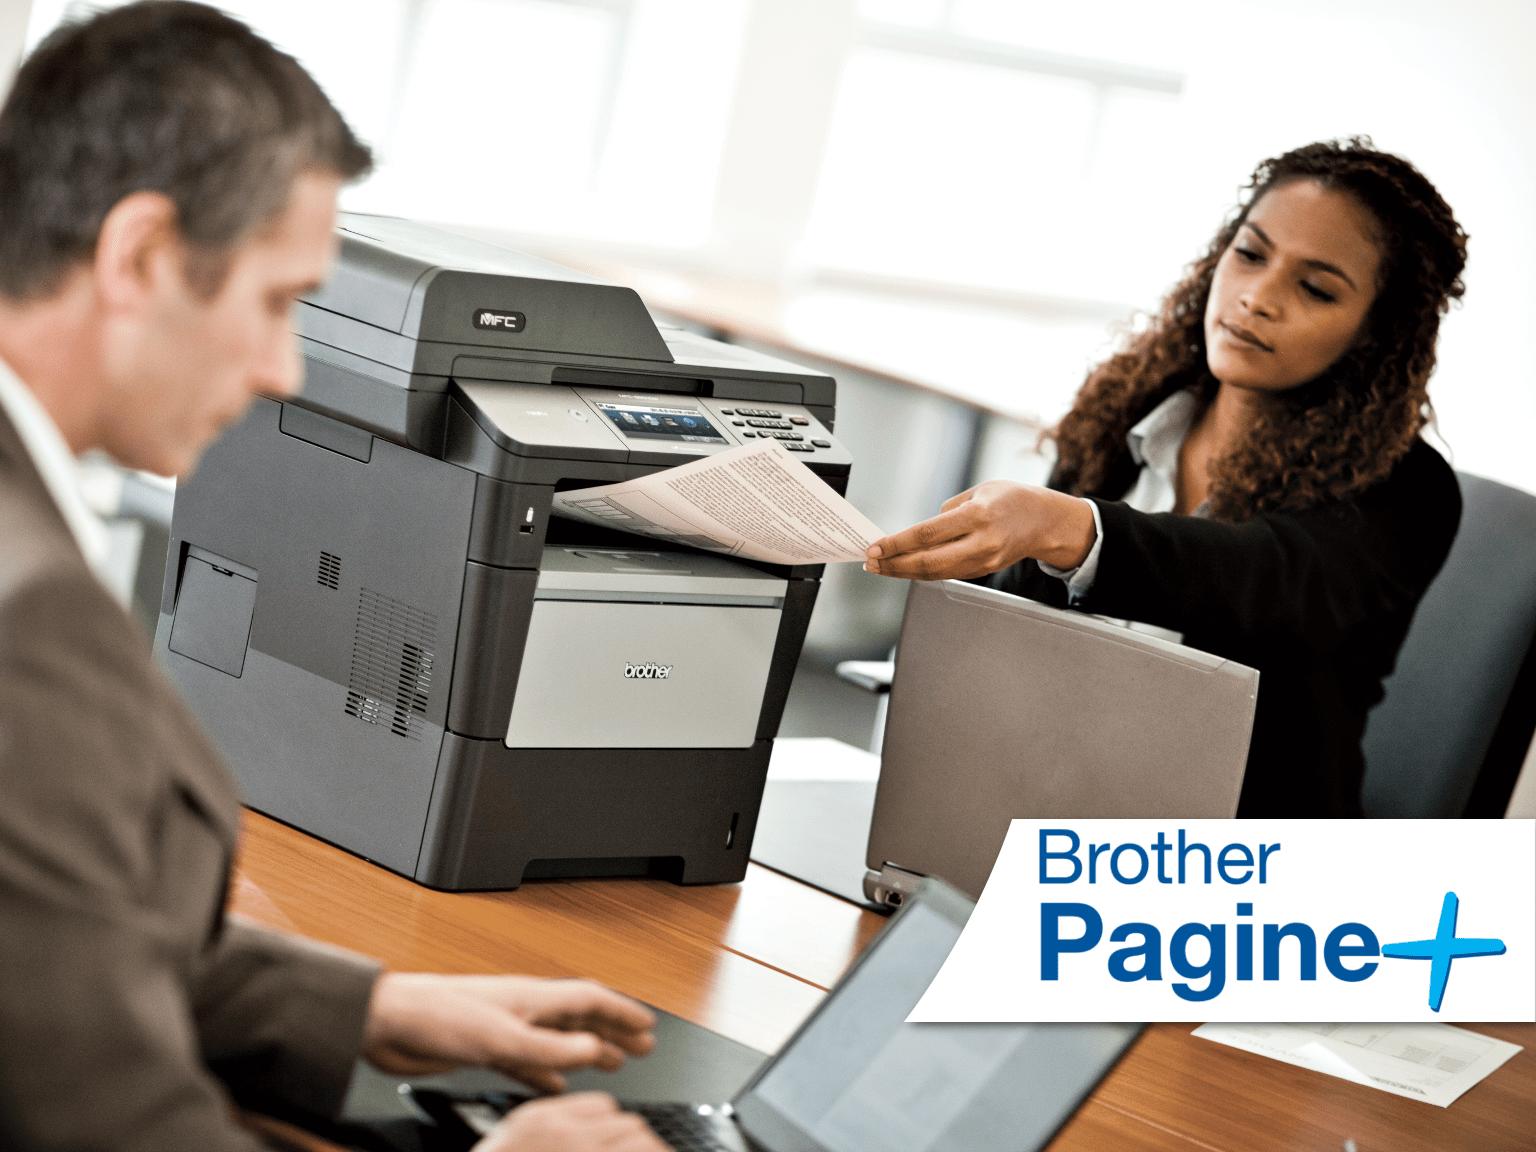 Impiegati al lavoro con multifunzione Brother con impresso logo servizio di stampa gestita Brother Pagine+